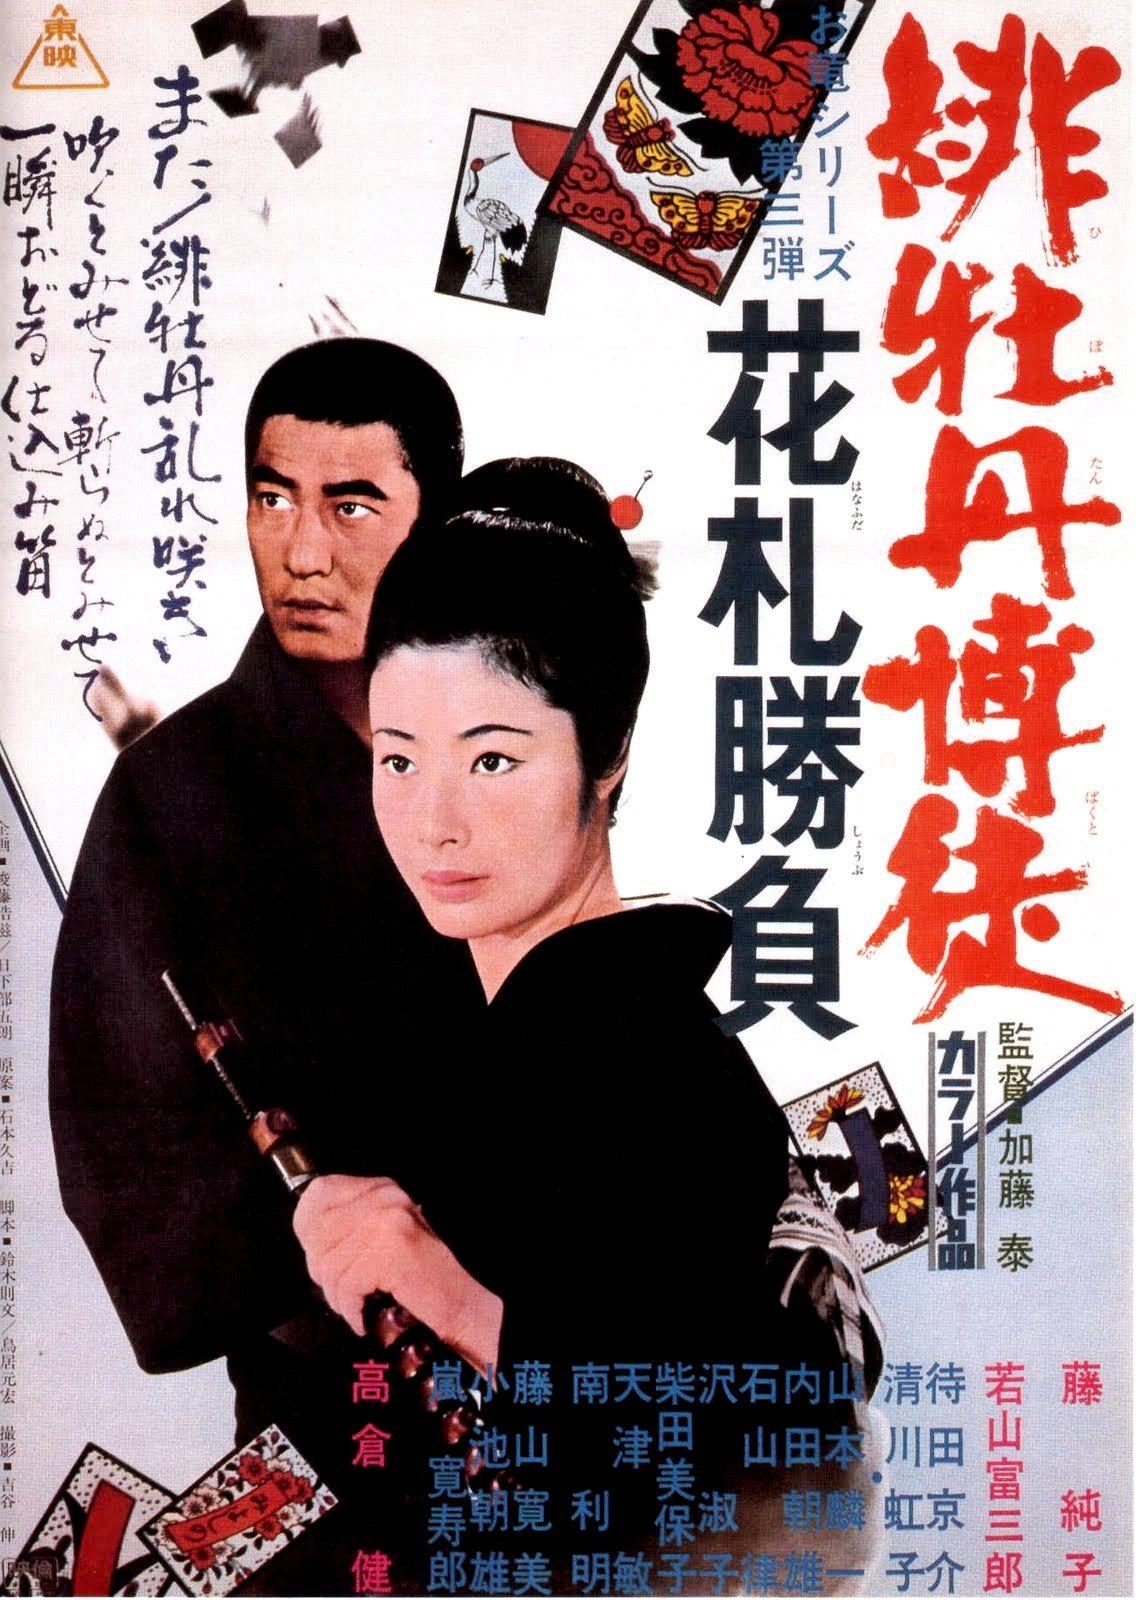 Red Peony Gambler - The Hanafuda Game (Hibotan Bakuto Hanafuda Shoubu,  1969) Dir. Kato Tai, Cast Fuji Junko, Takakura Ken